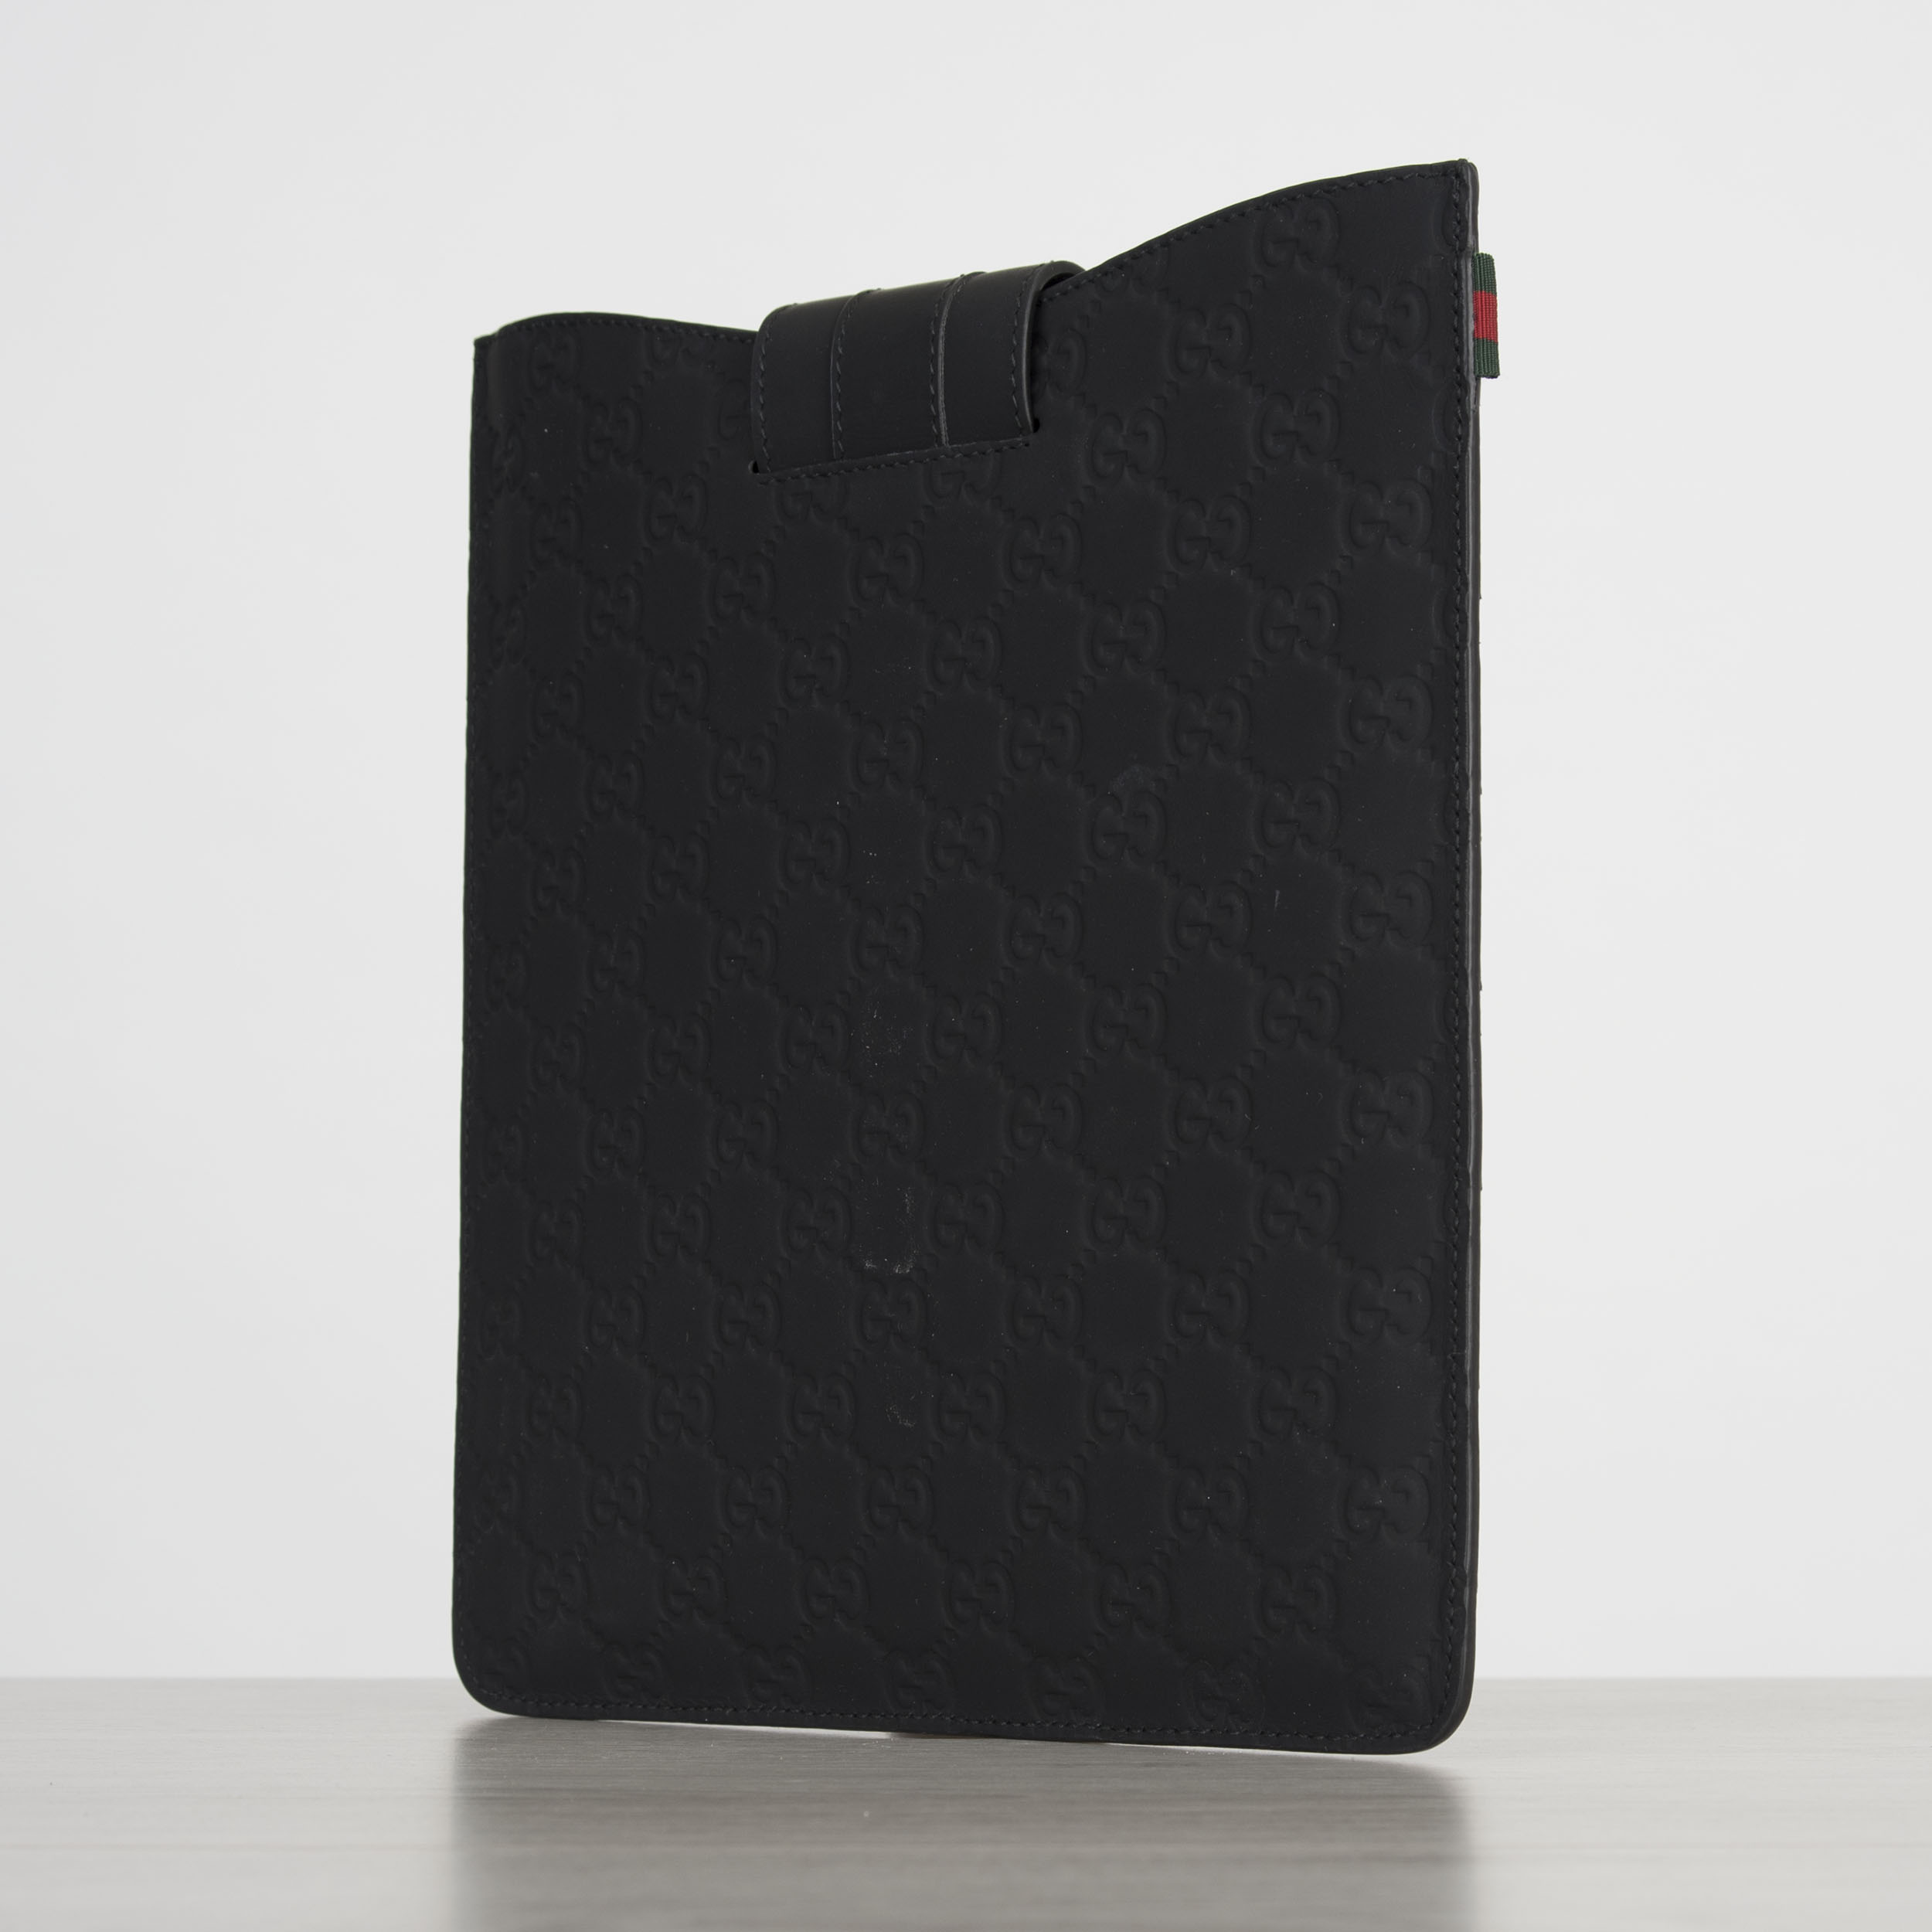 236881f87dc 350  Authentic New GUCCI Black Rubberized Guccissima Leather iPad ...